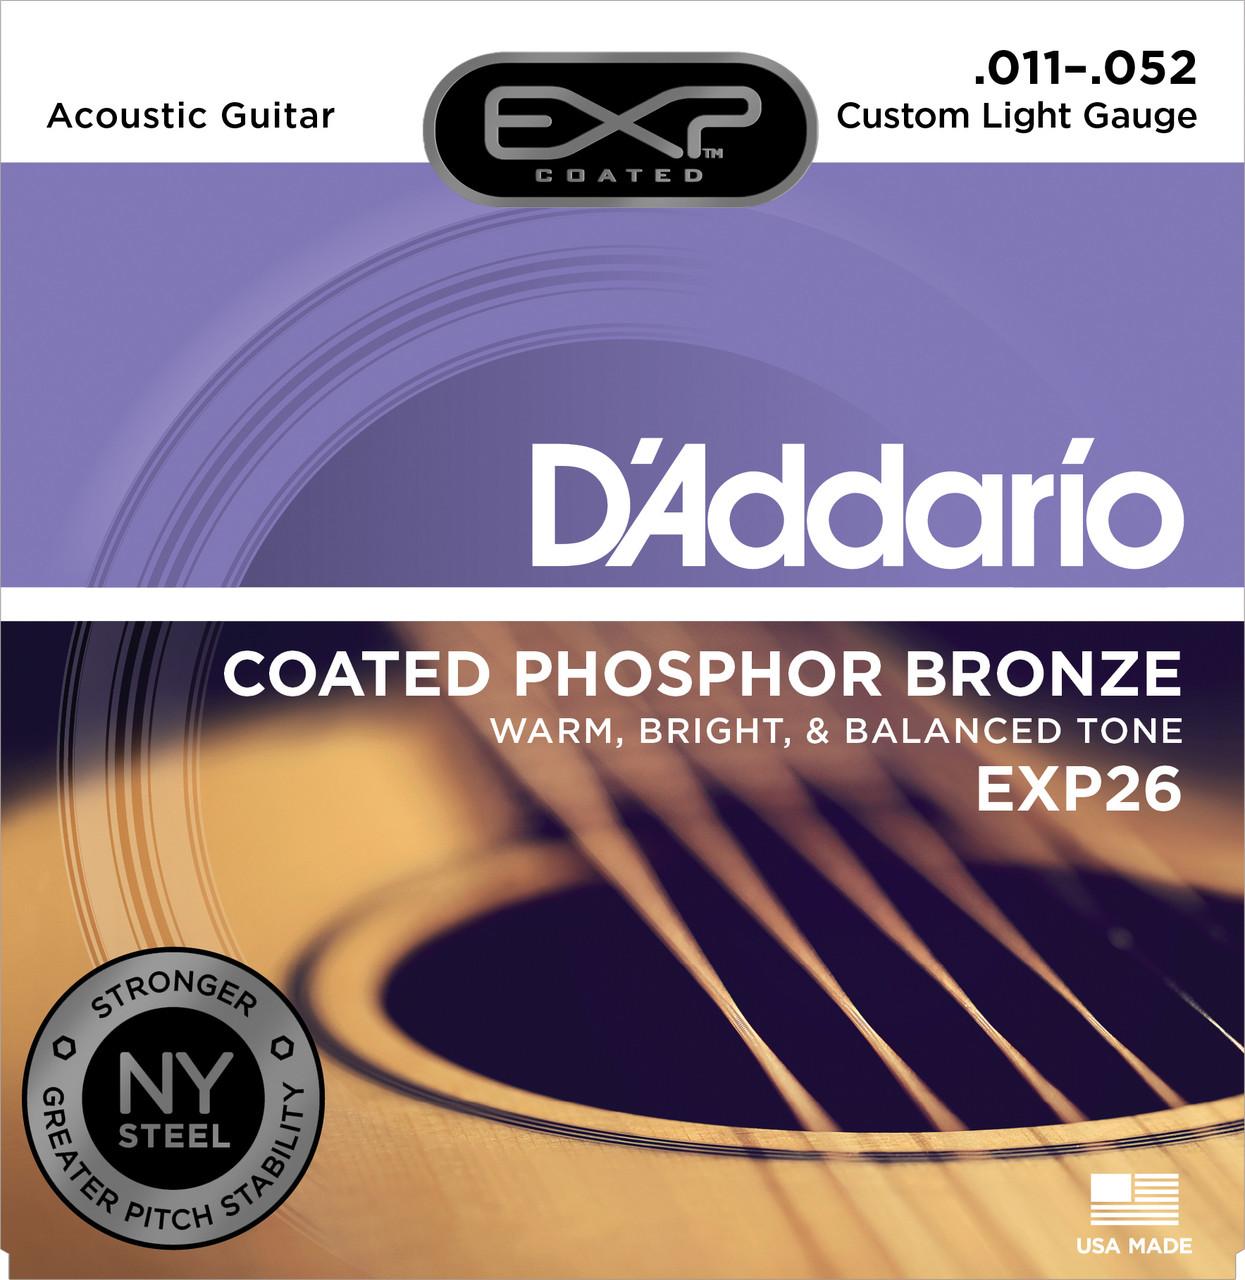 Струны для акустической гитары  Daddario EXP26